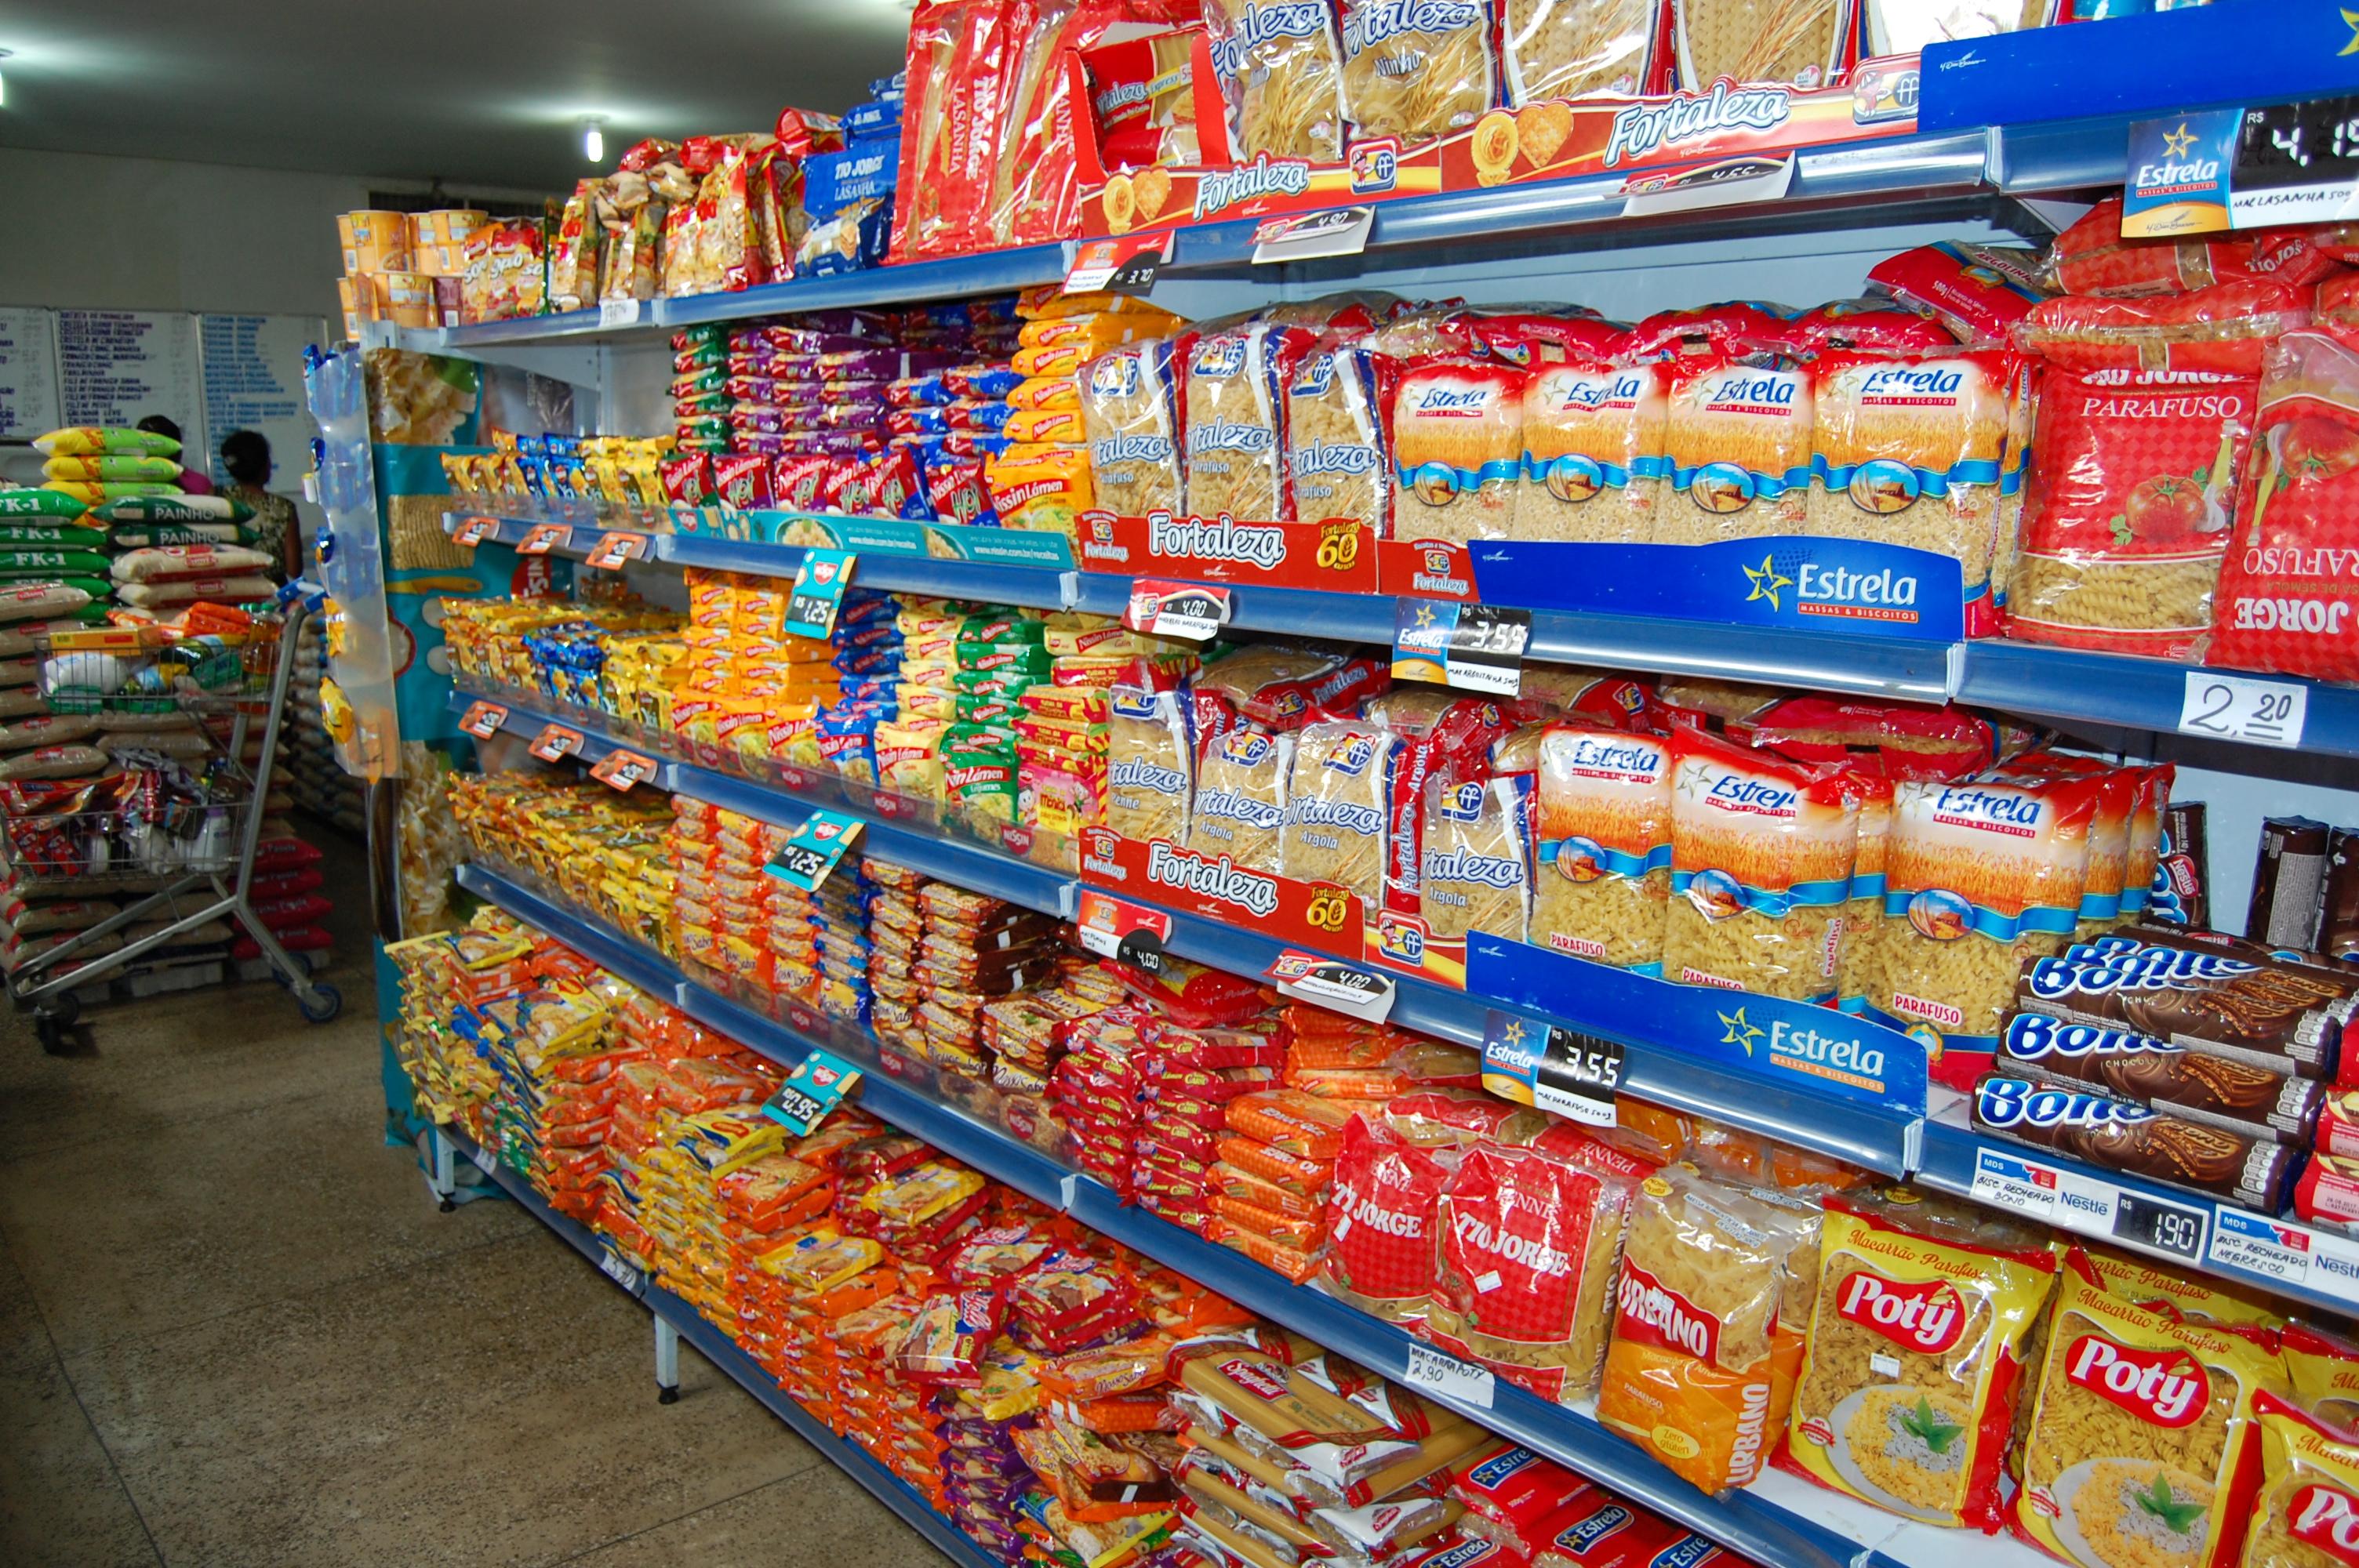 Supermercado Martins (19)